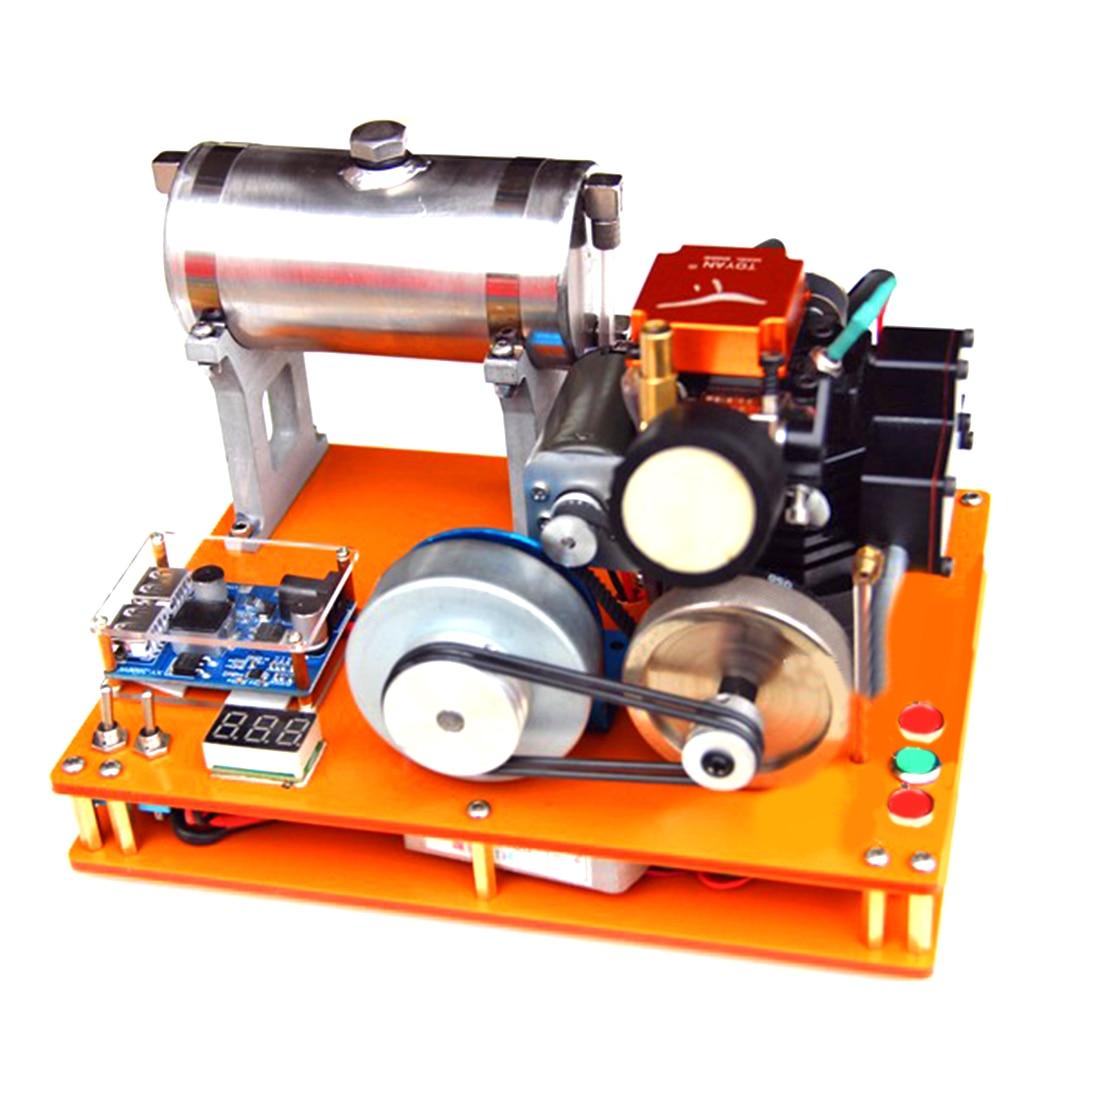 TOYAN Motor de metanol de cuatro tiempos DIY 12V generador ciencia y educación laboratorio motor